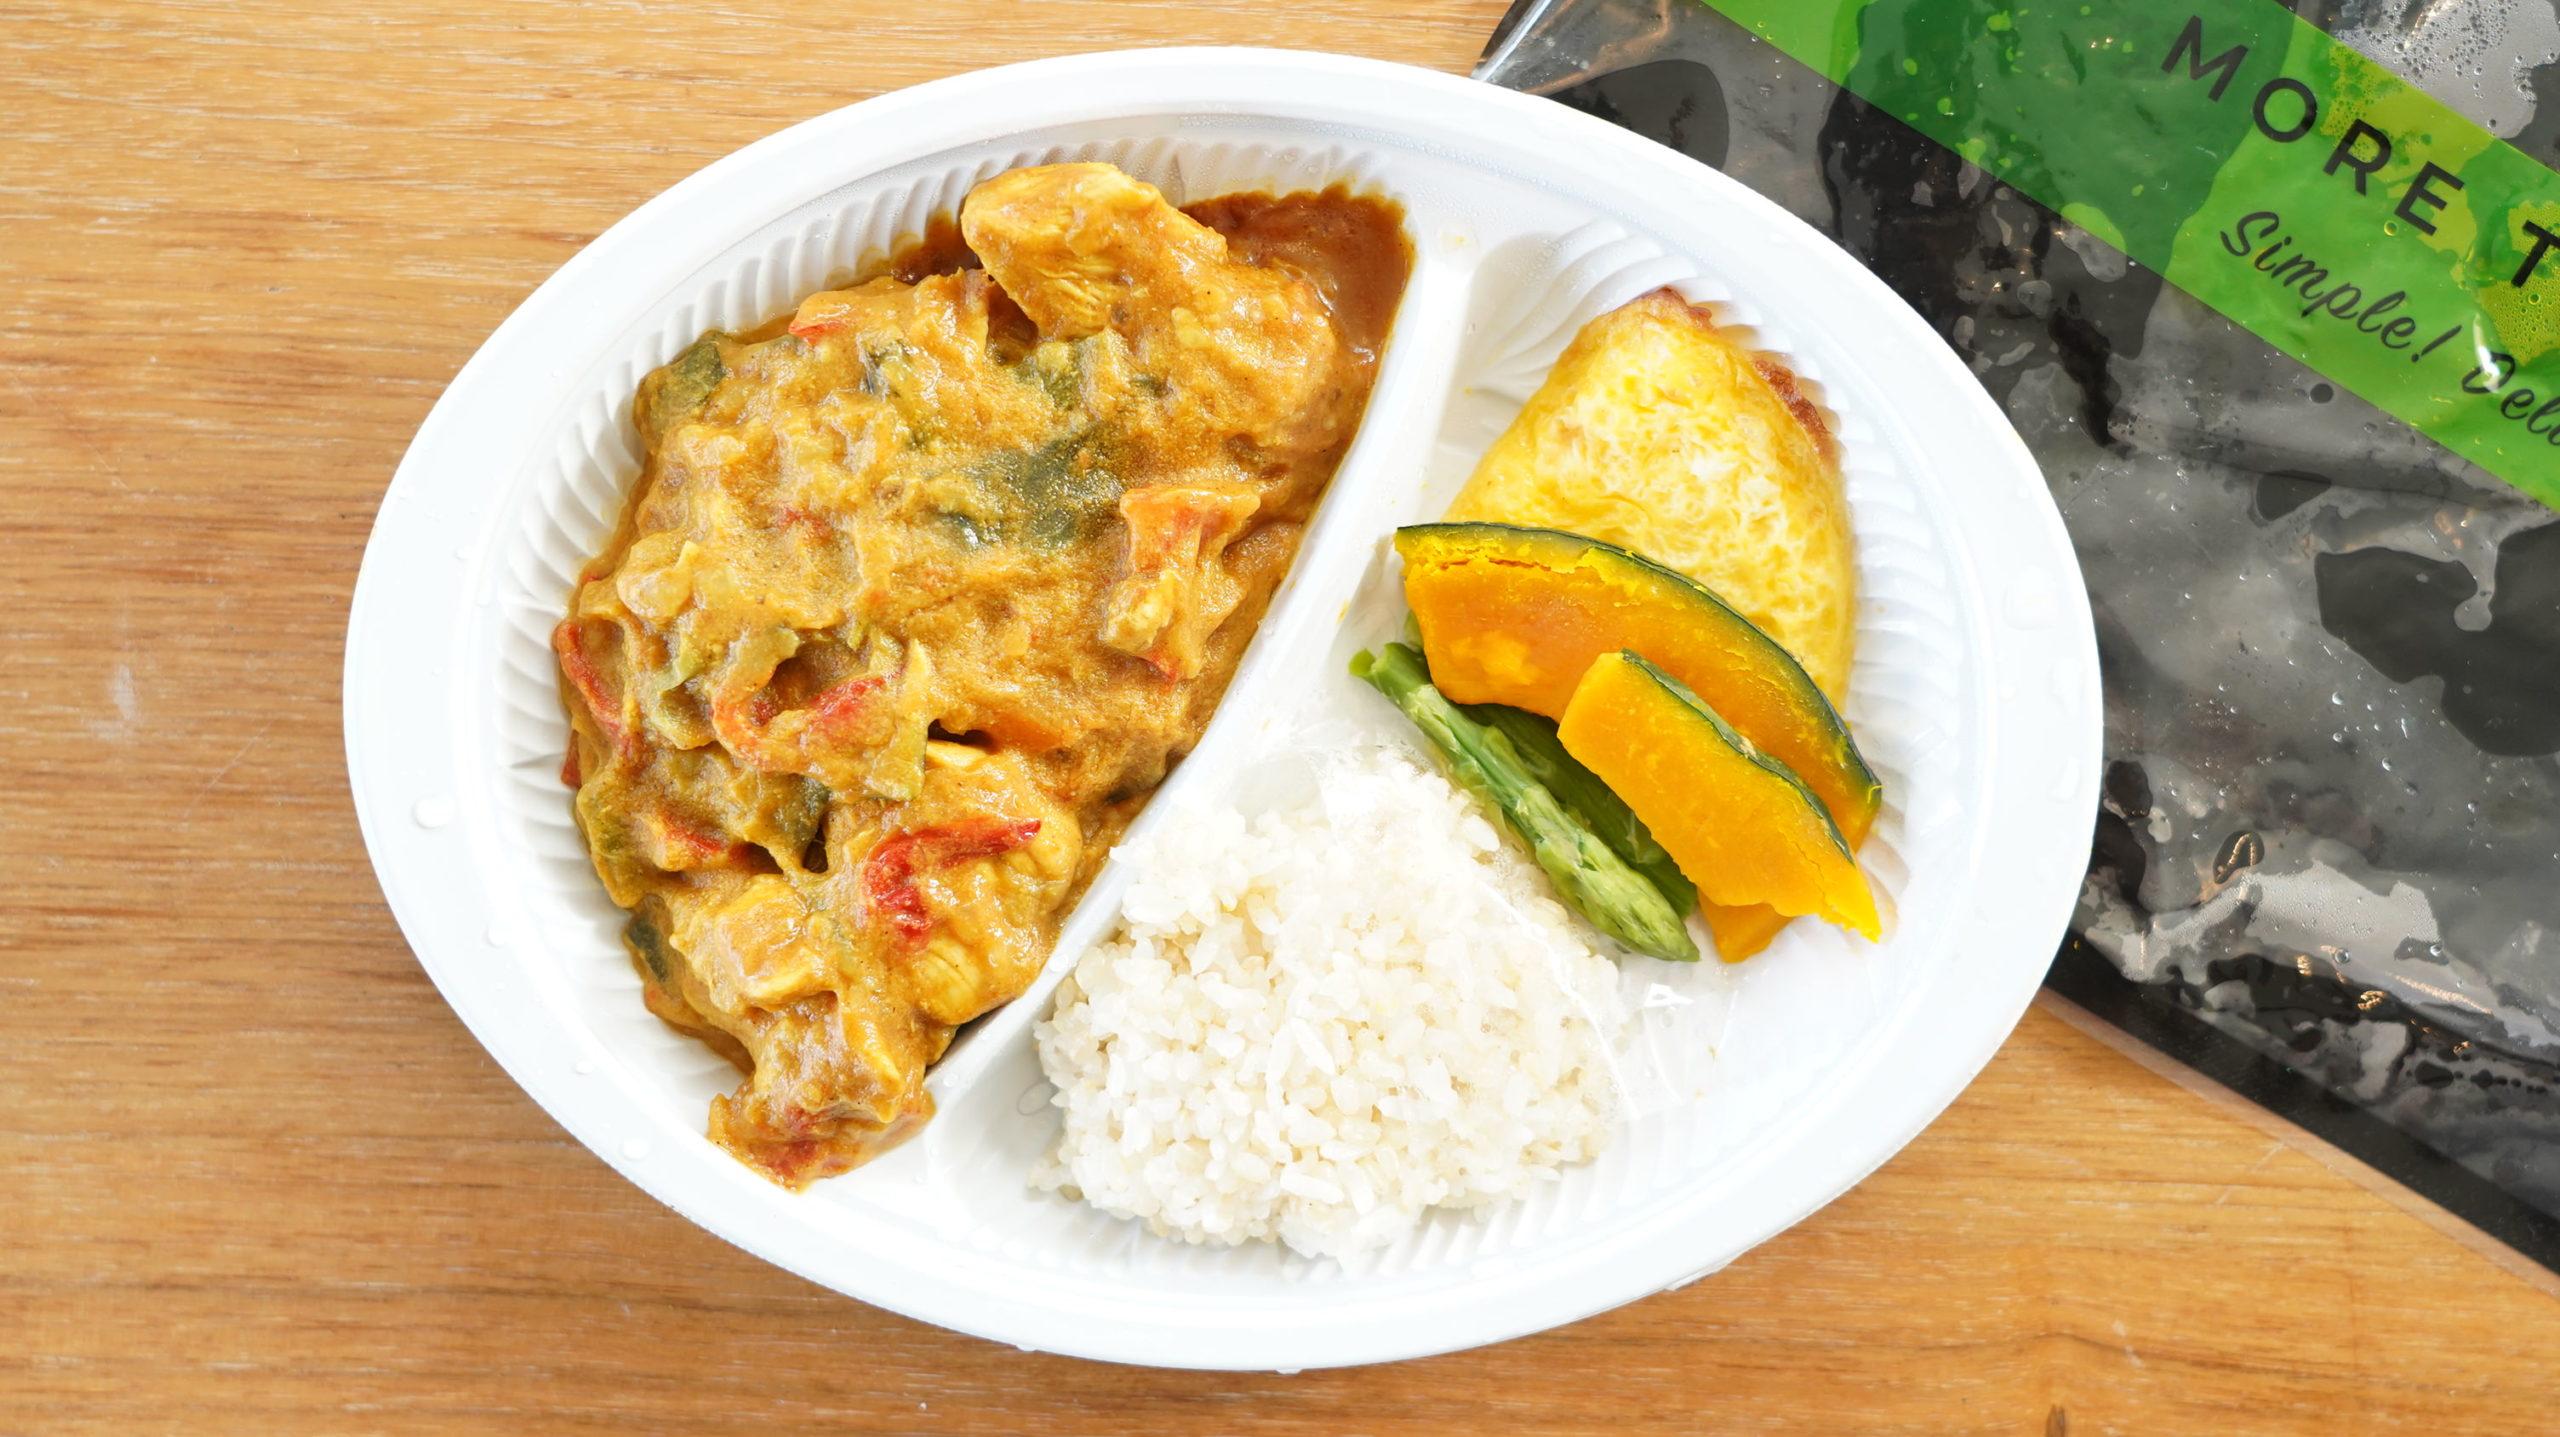 More than Deli(モアザンデリ)の冷凍弁当「鶏むね肉の野菜たっぷりカレー」を上から撮影した写真